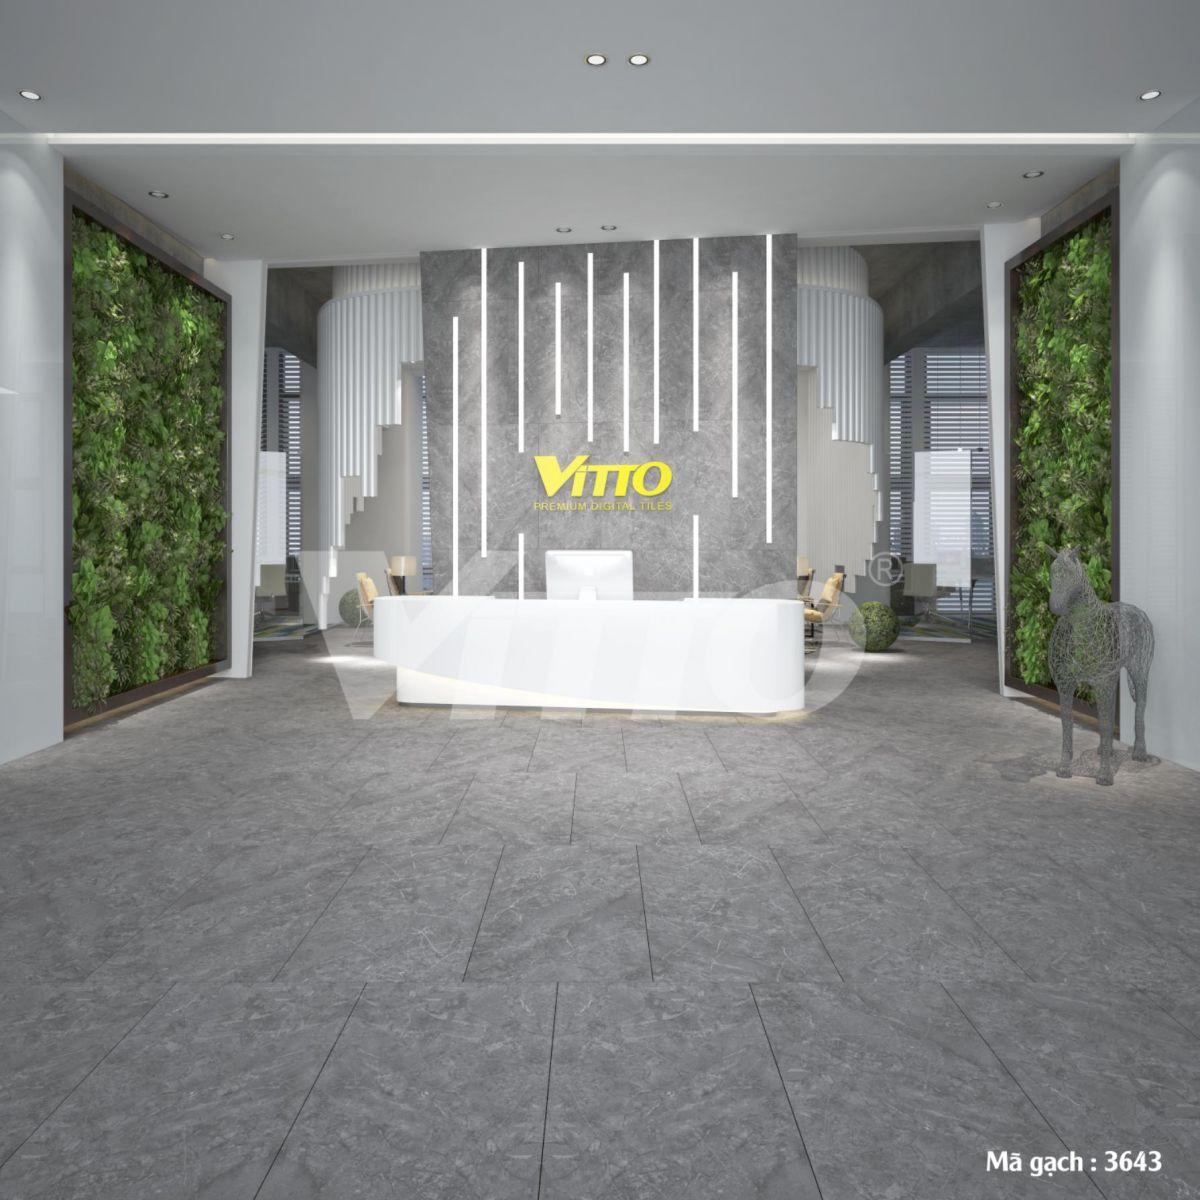 Vitto: Nâng tầm thương hiệu gạch men ốp lát Việt trong xu thế hội nhập